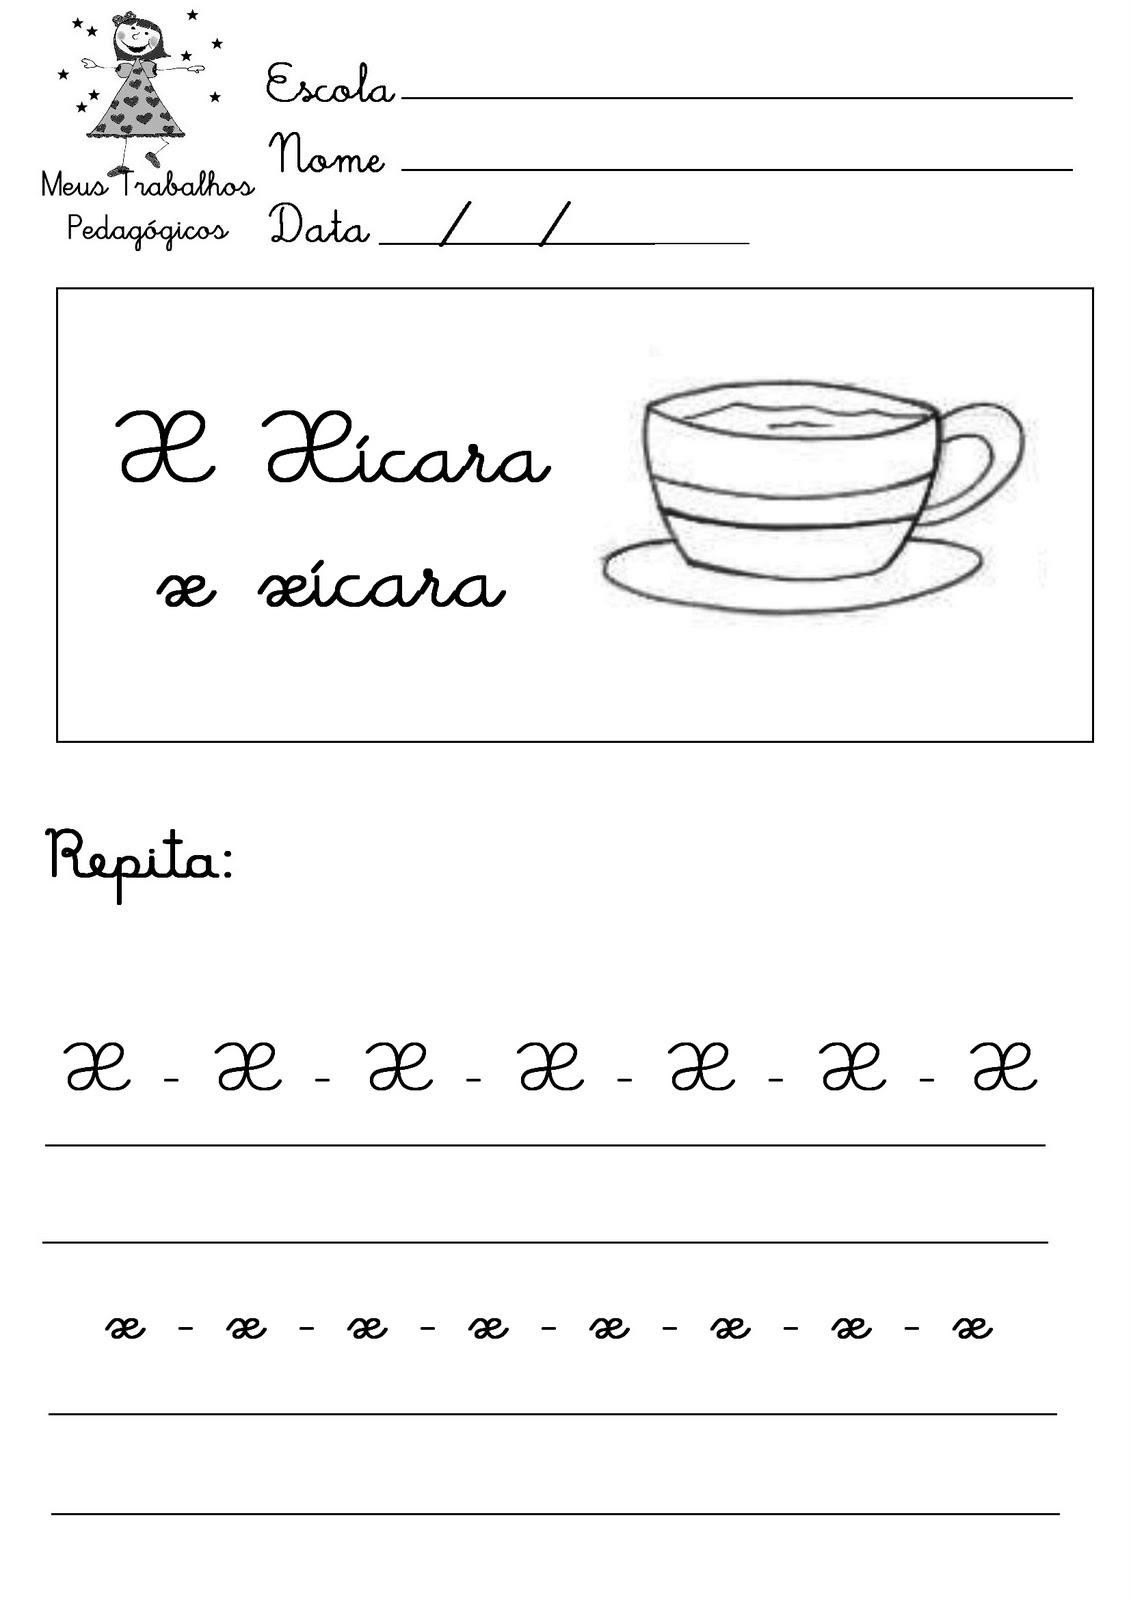 fonte: http://meustrabalhospedagogicos.blogspot.com.br/search/label ...